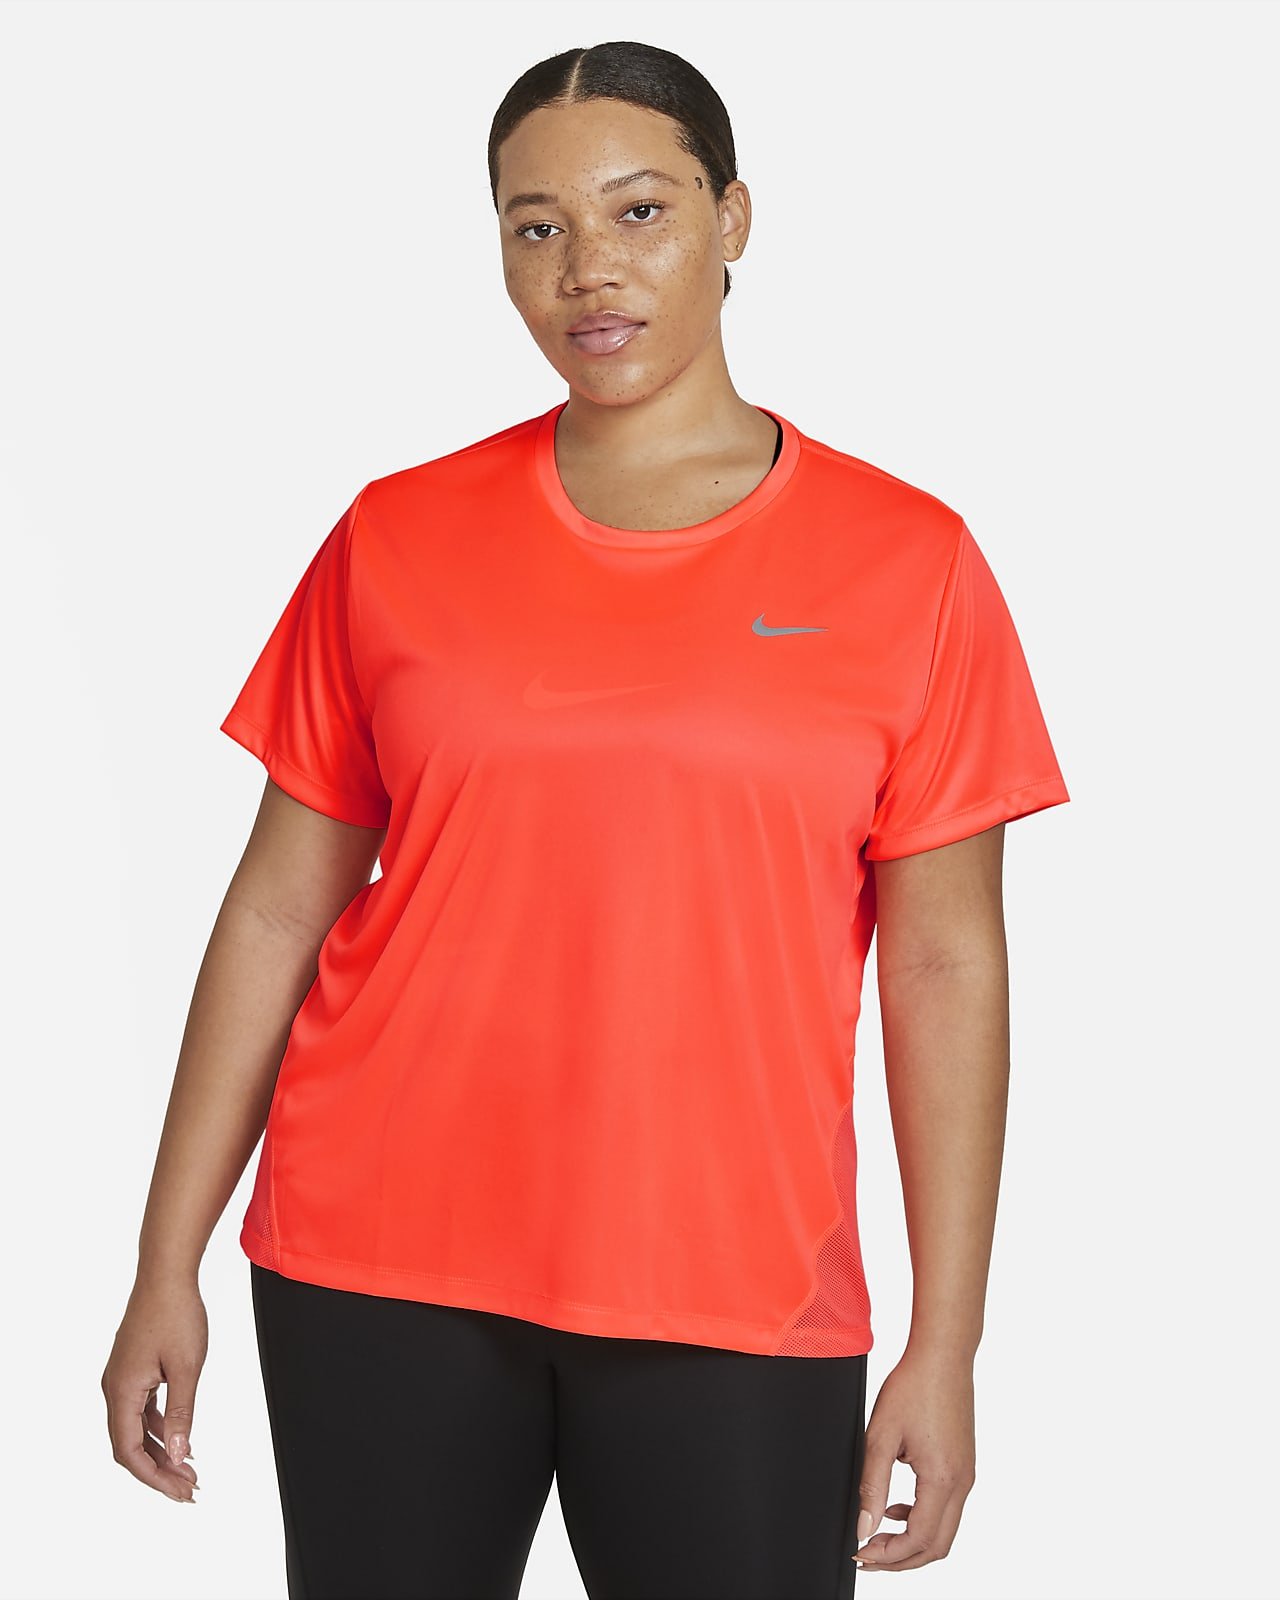 เสื้อวิ่งแขนสั้นผู้หญิง Nike Miler (พลัสไซส์)